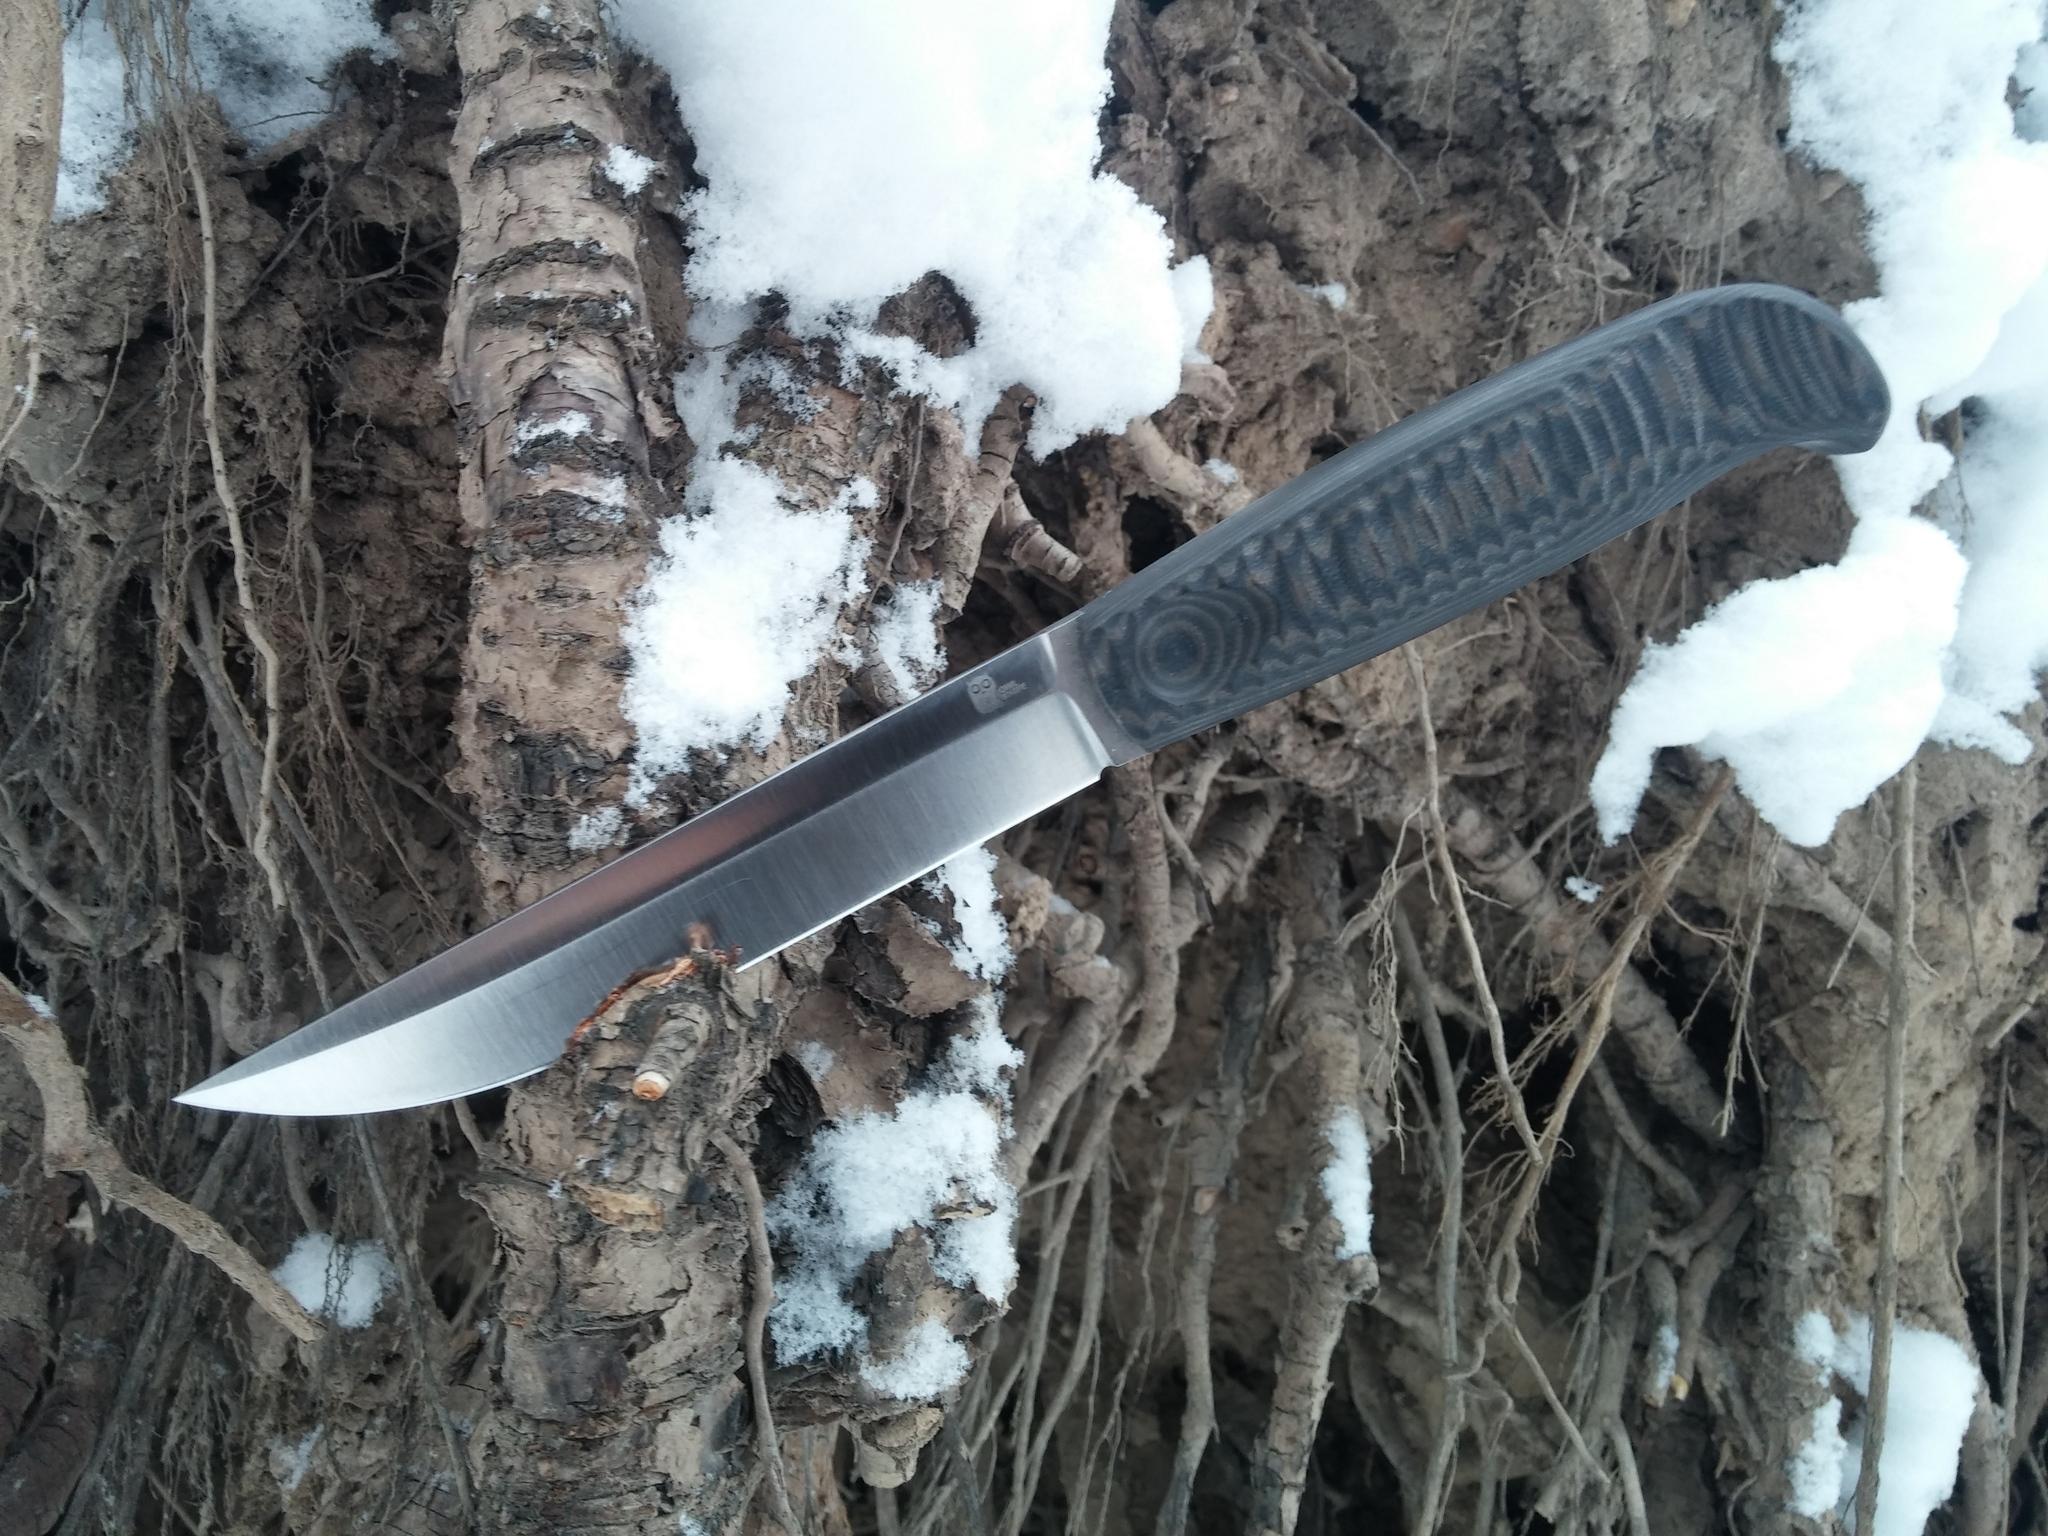 Фото 6 - Финка с грибком и каплей North, N690 от Owl Knife